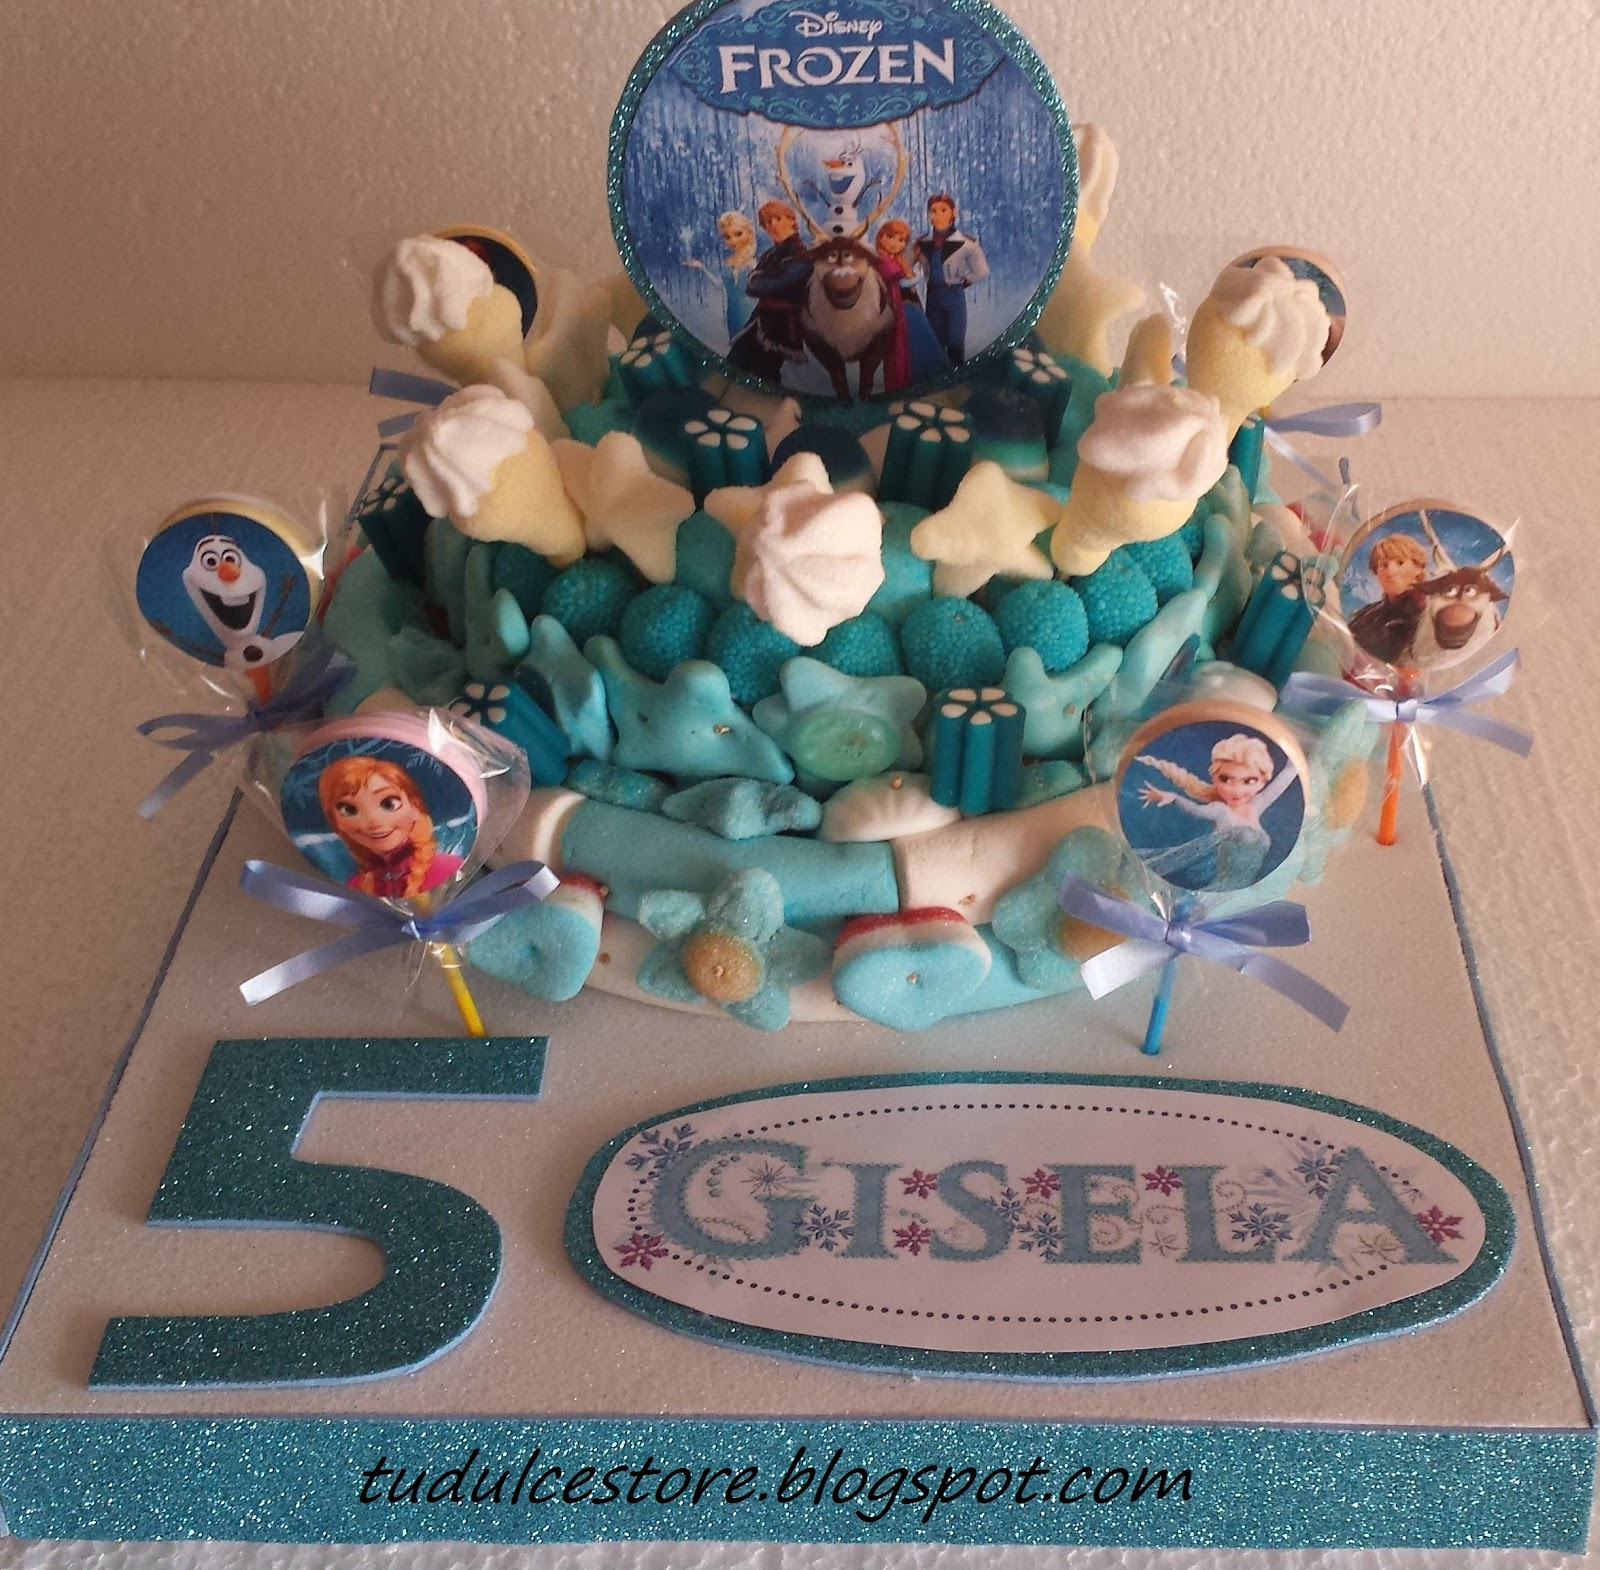 Dessin Ongle additionally 4102 additionally Tarta De Chuches Romantica Y Brochetas besides 128 also Tarta De Chuches Frozen Para Gisela. on halloween cupcakes